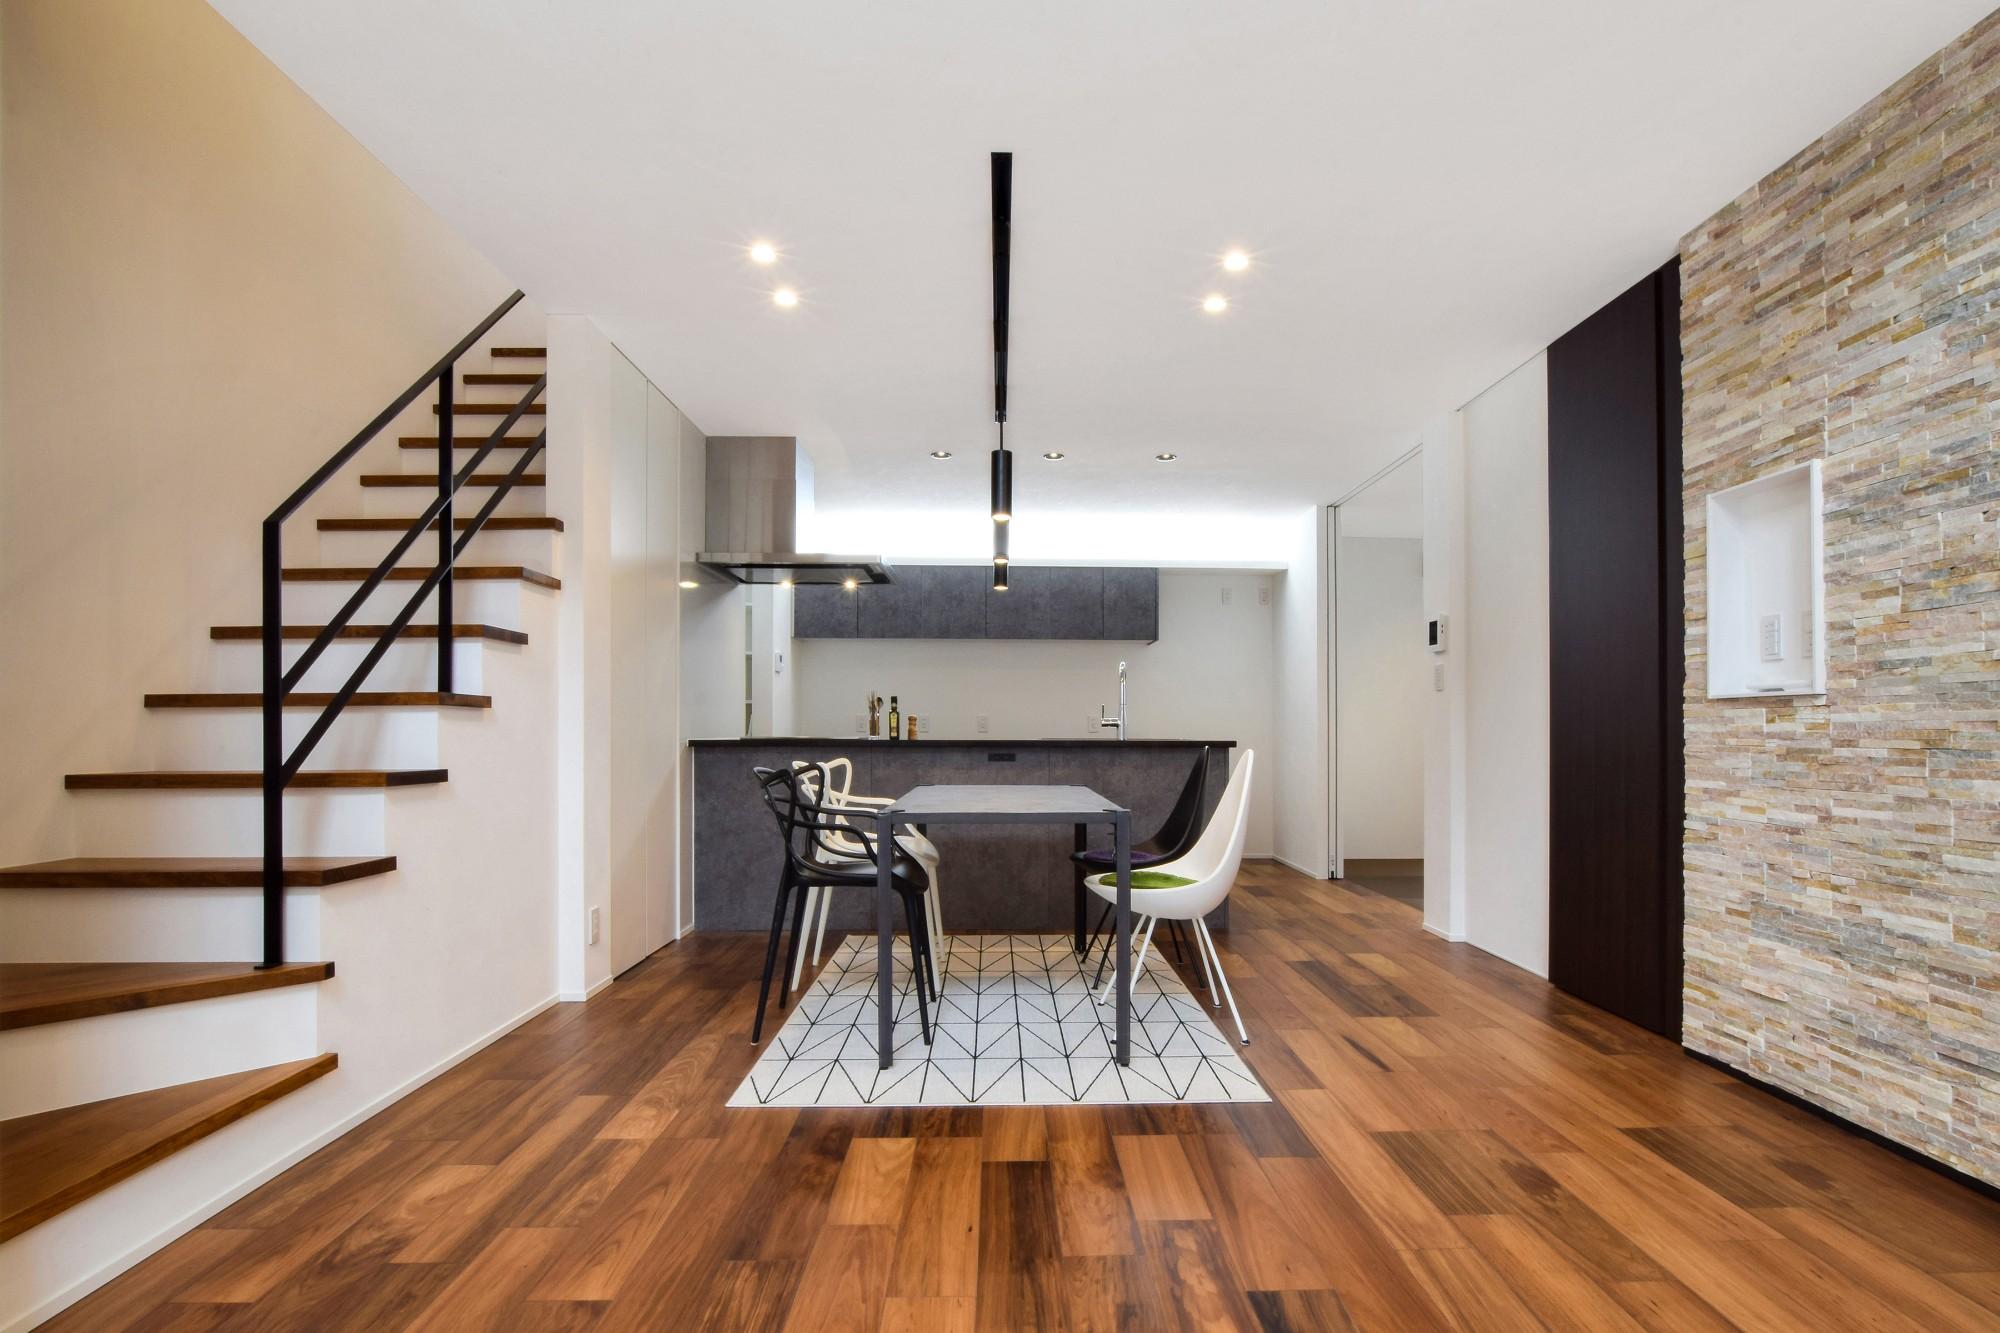 DETAIL HOME(ディテールホーム)「吹抜けのある全館空調の家」のシンプル・ナチュラルなリビング・ダイニングの実例写真